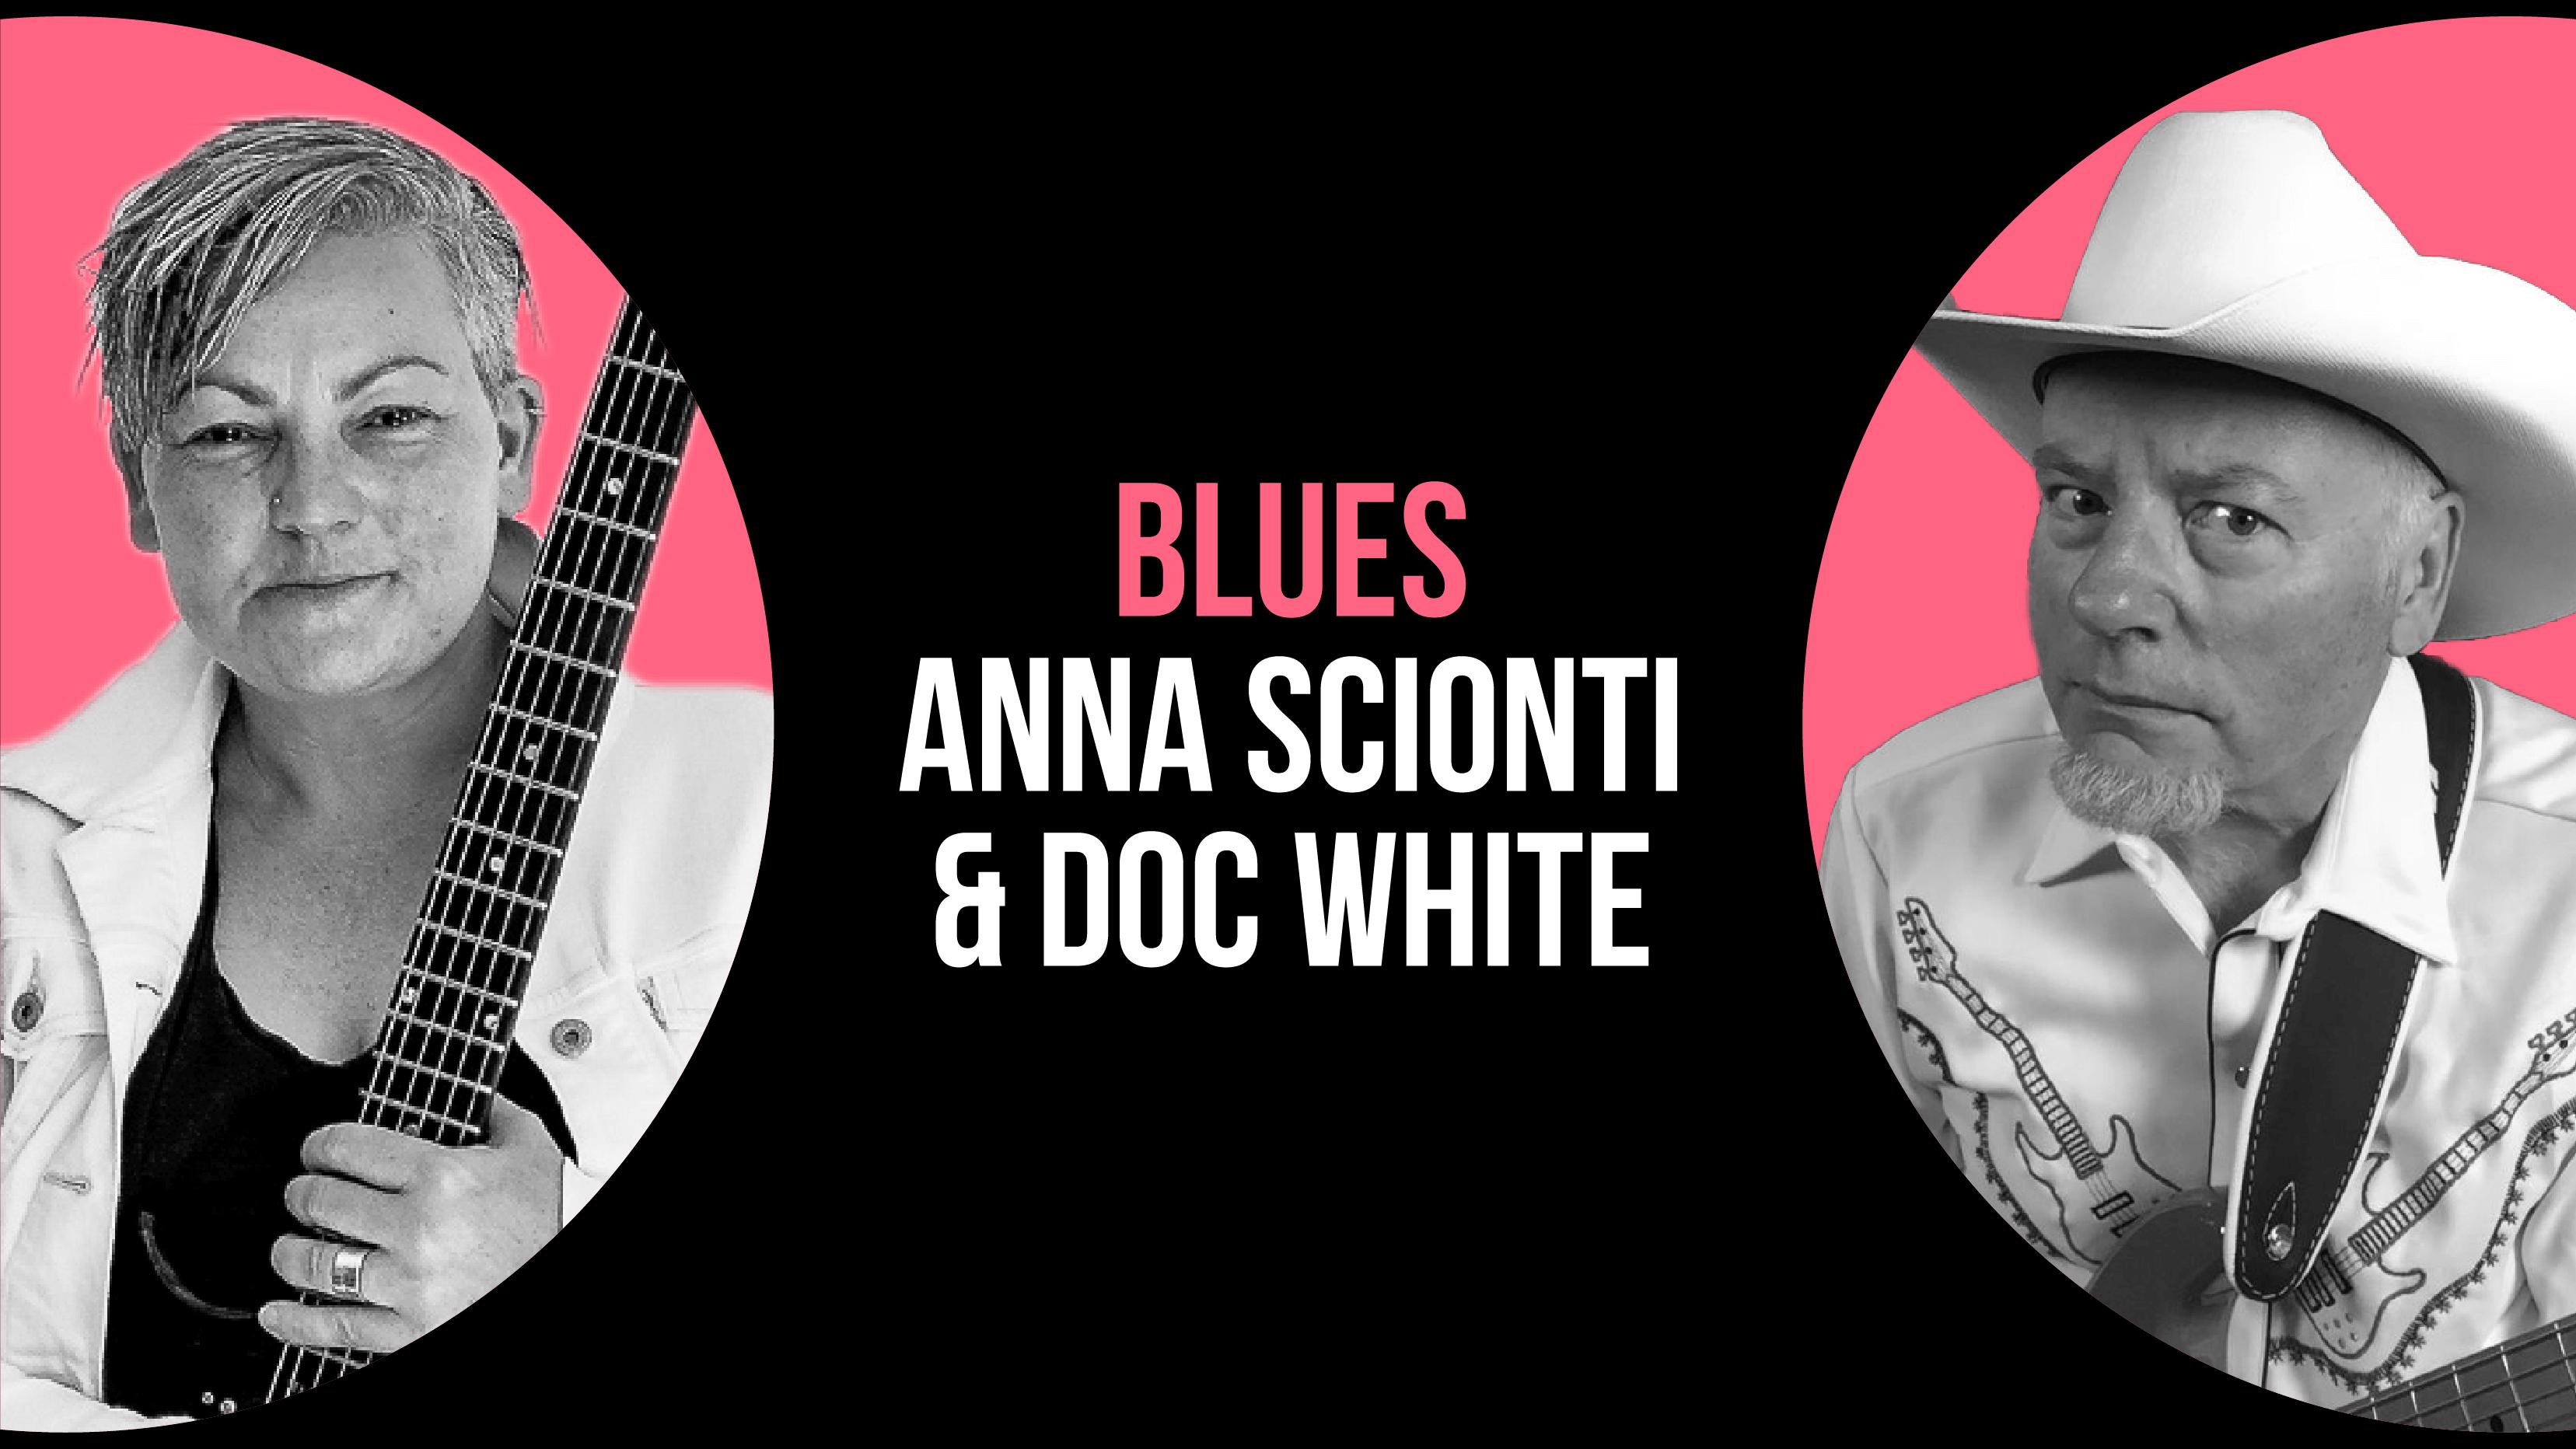 Anna Scionti and Doc White